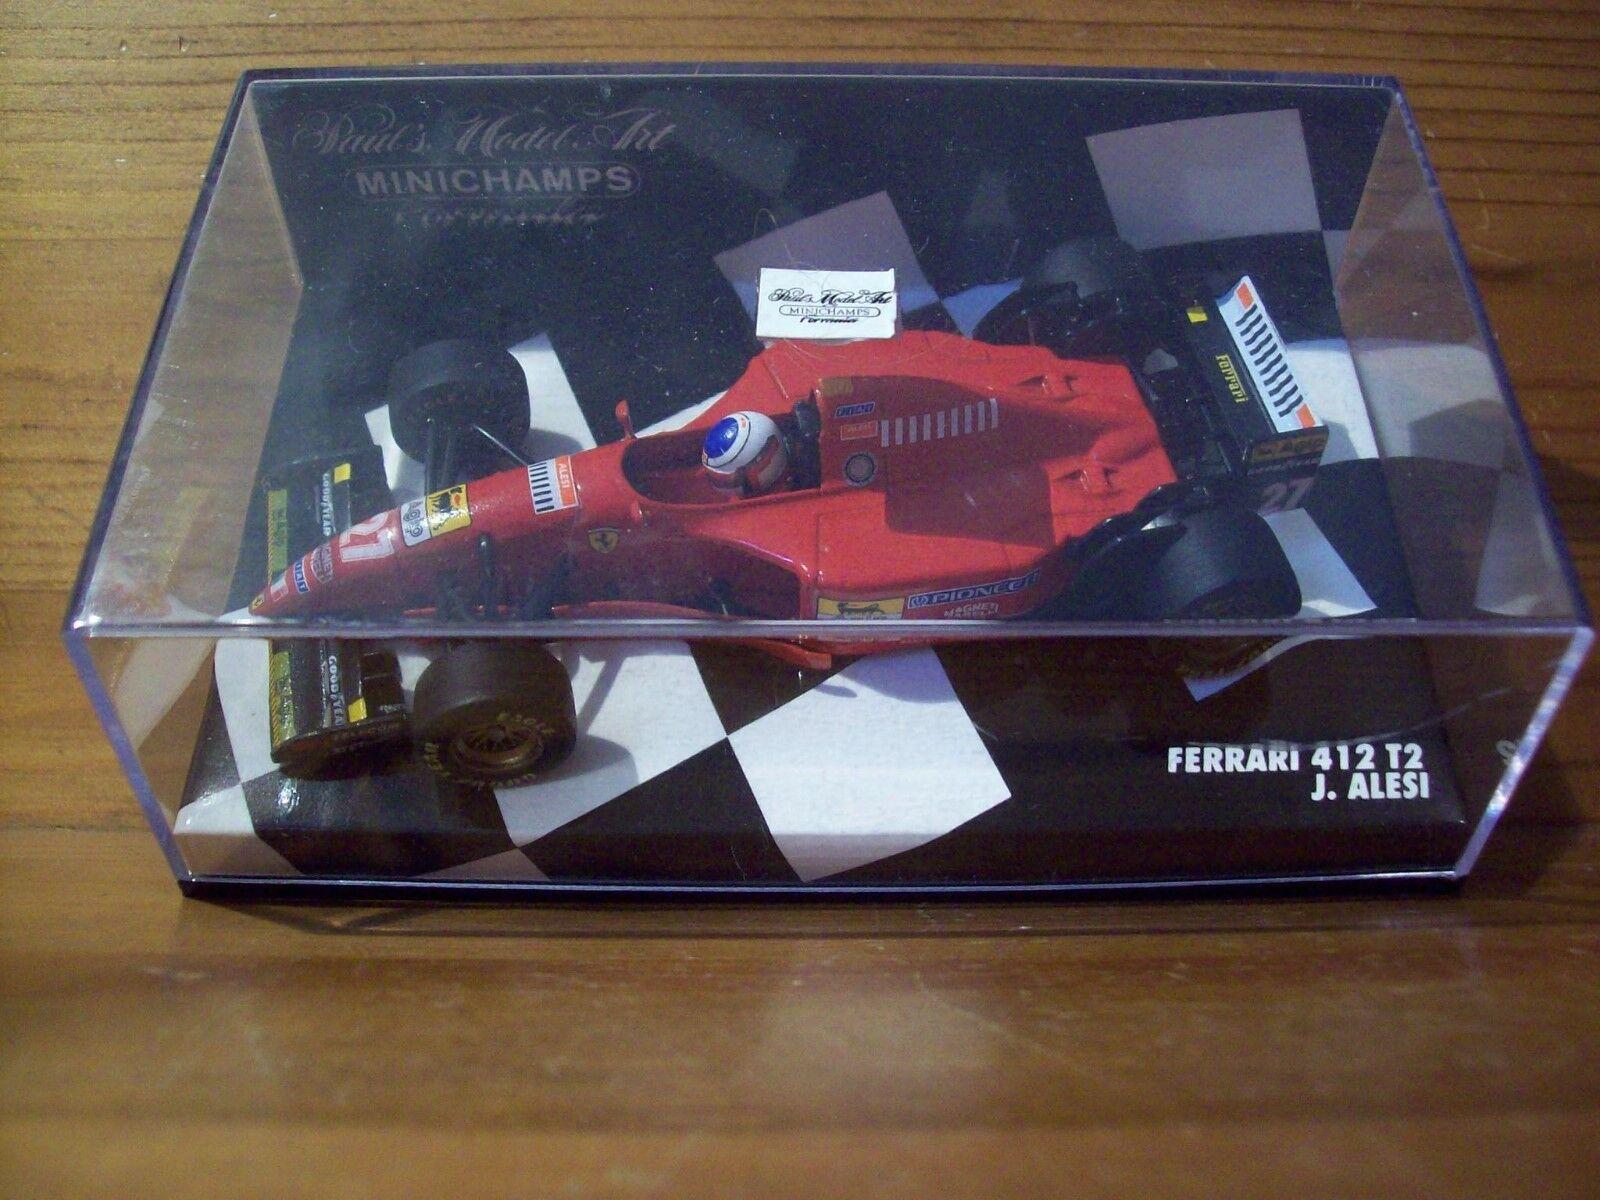 Cadeau spécial à vous spécial 1/43 1/43 1/43 FERRARI 412T2 1995 Jean Alesi | Impeccable  f4076f